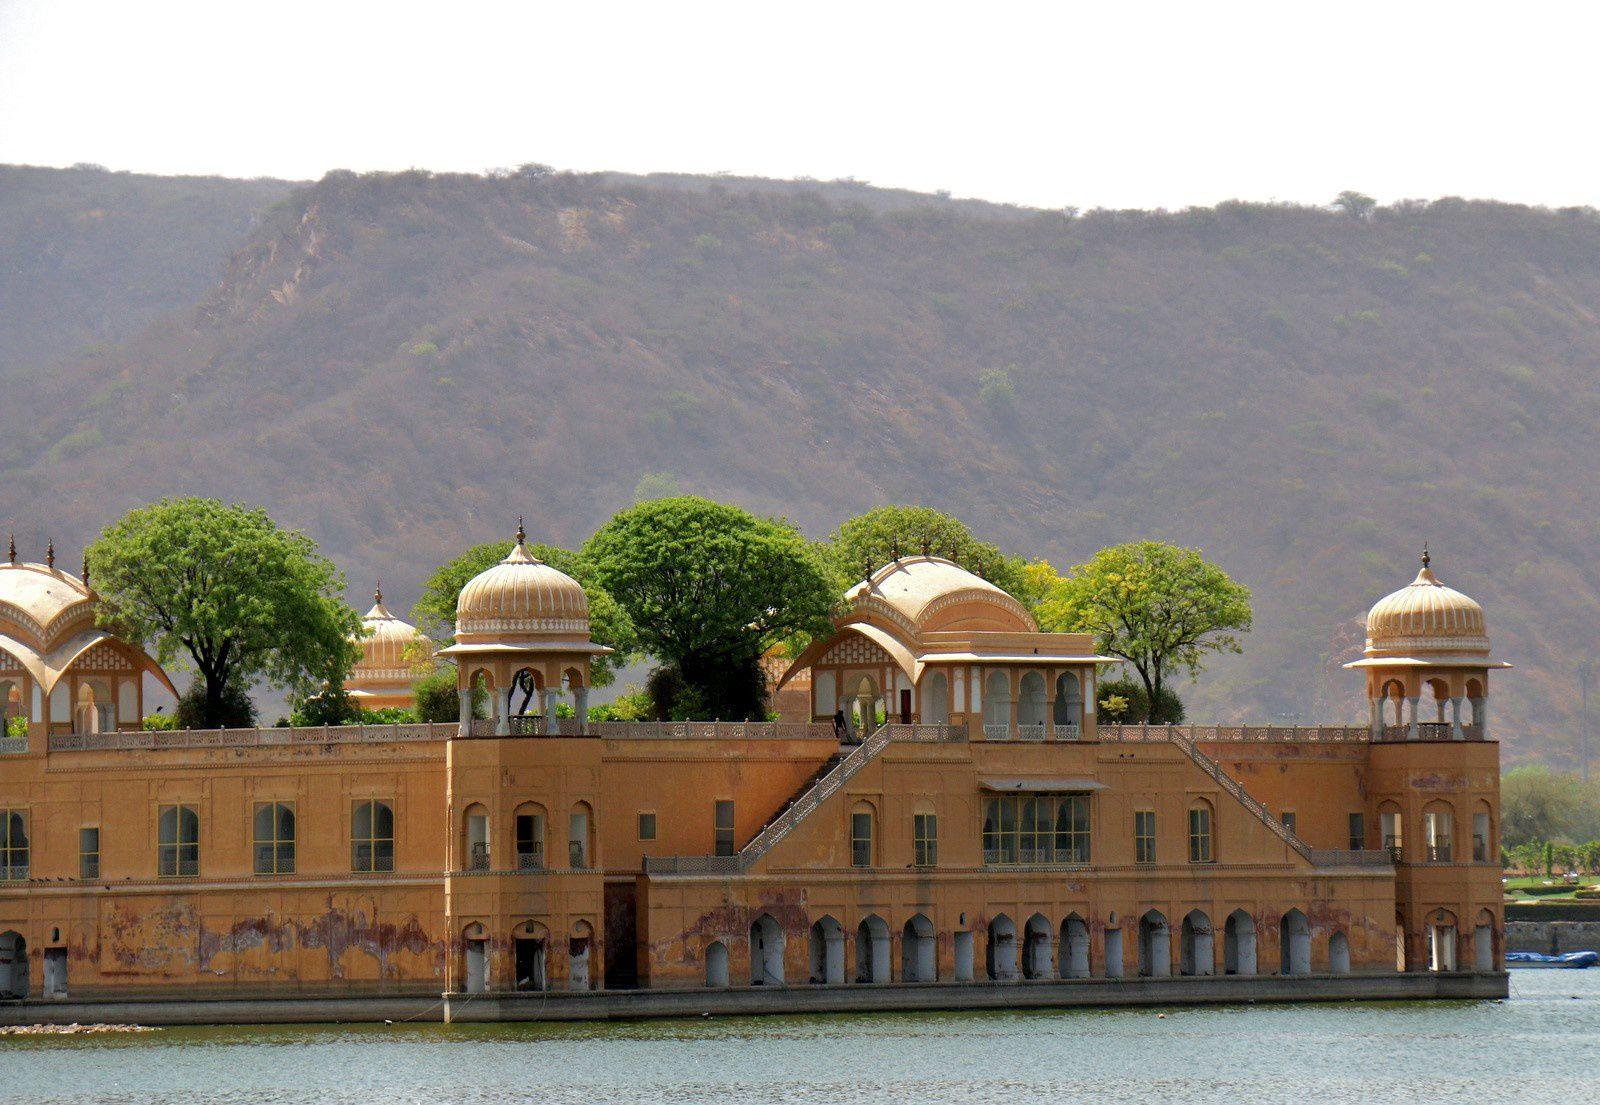 Durant la saison des pluies, de juin à septembre, les 4 niveaux inférieurs du palais se retrouvent submergés